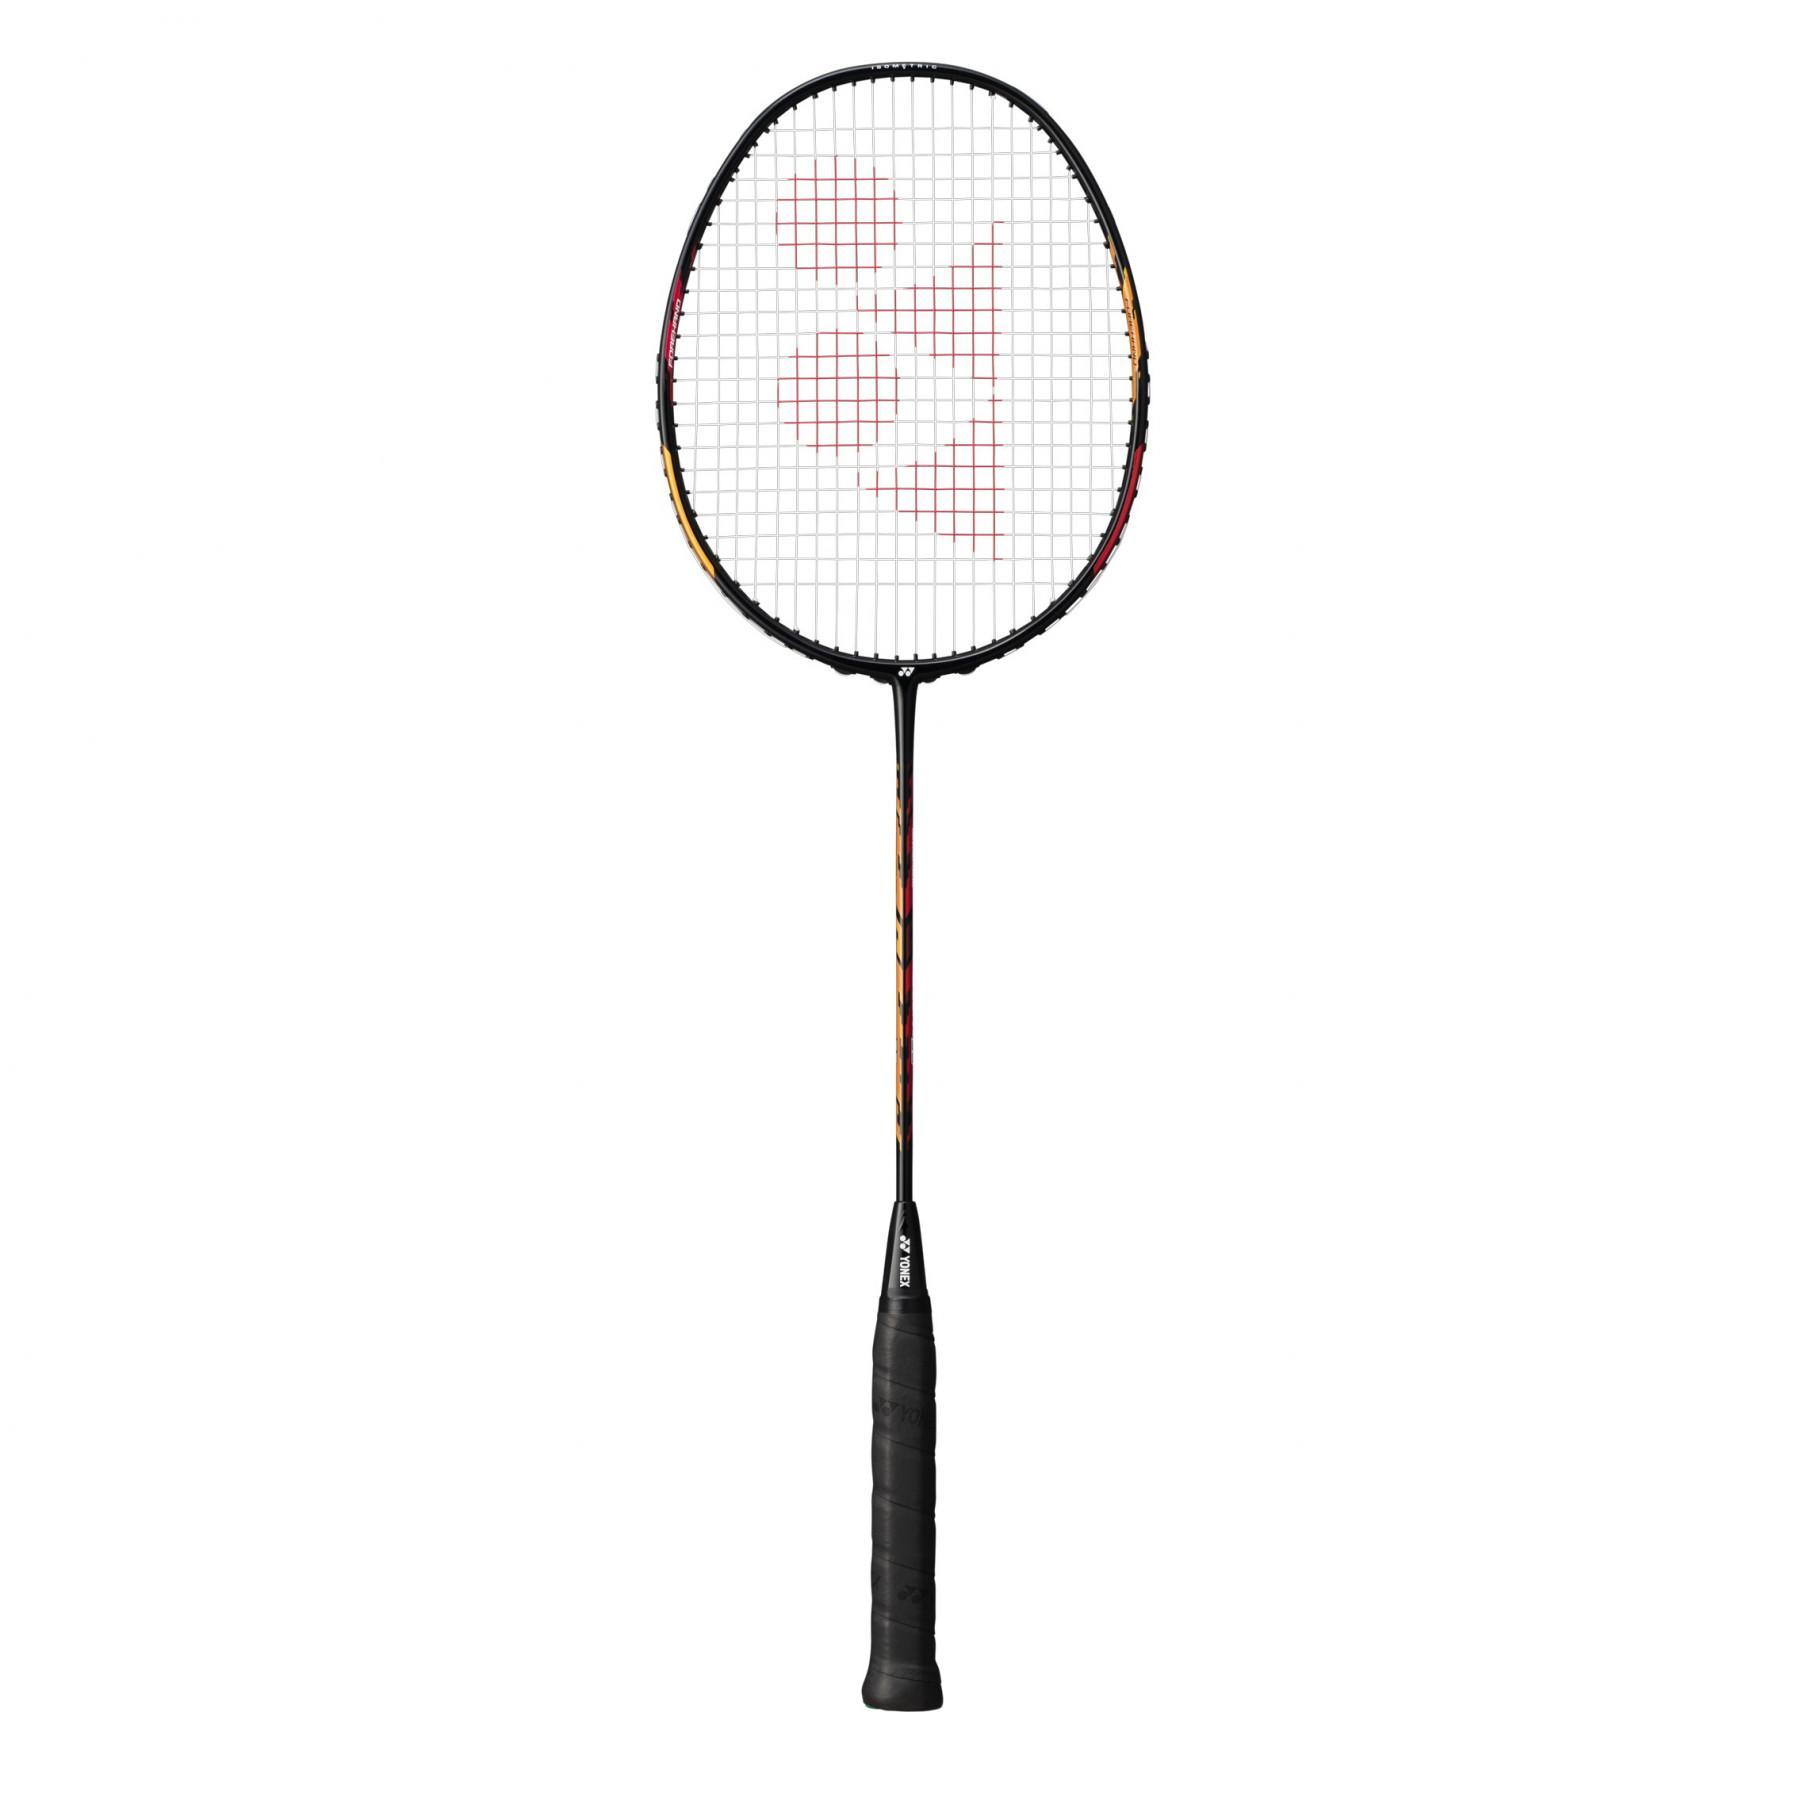 Yonex Duora 33 Racquets